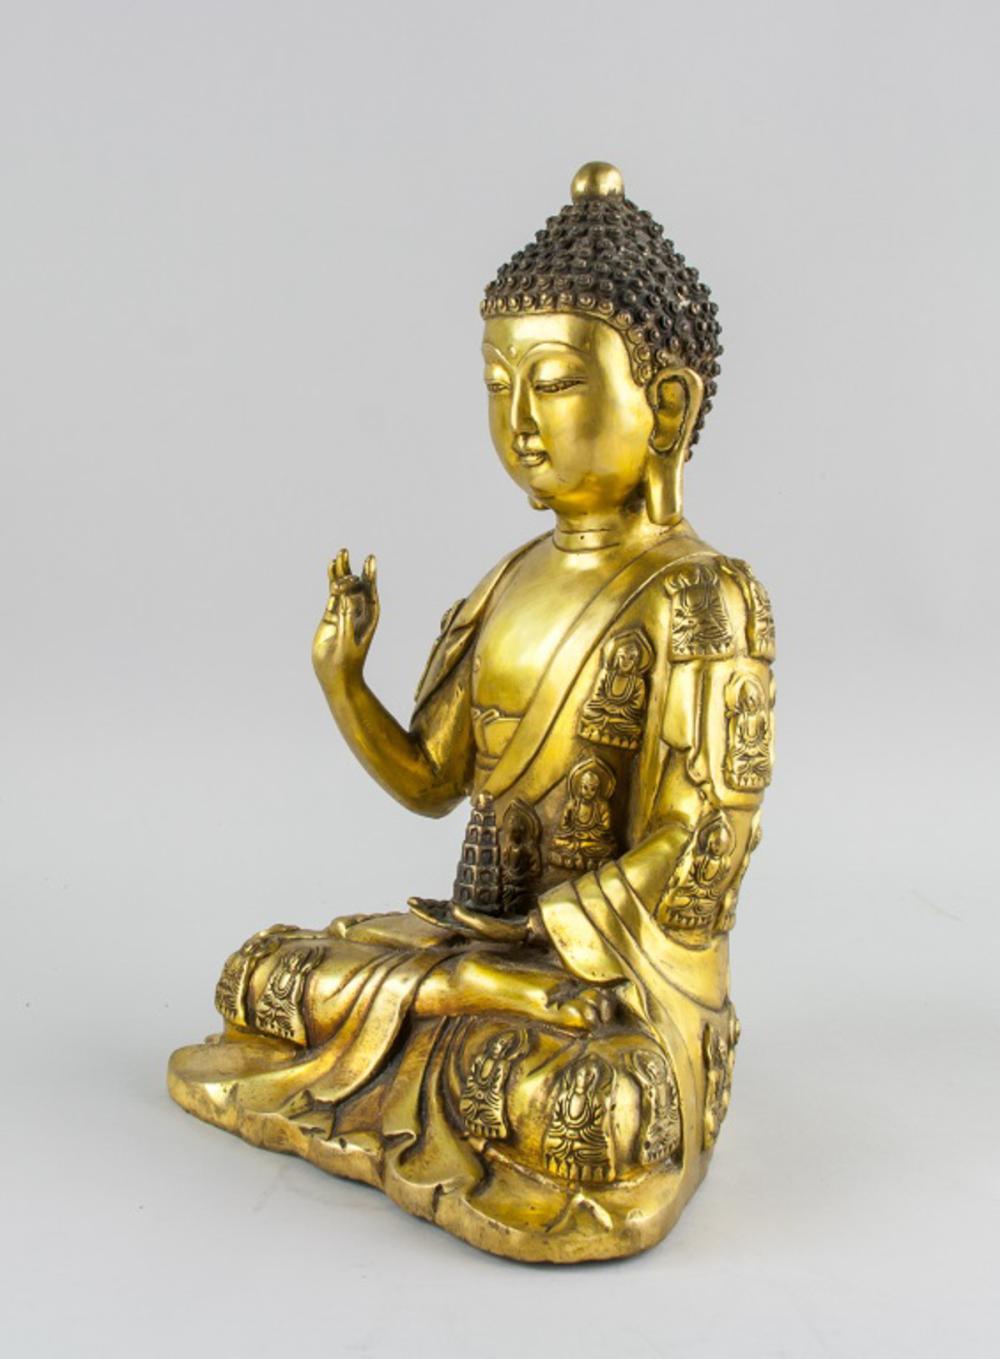 Lot 394: Chinese Gilt Bronze Medicine Buddha Yongle Mark